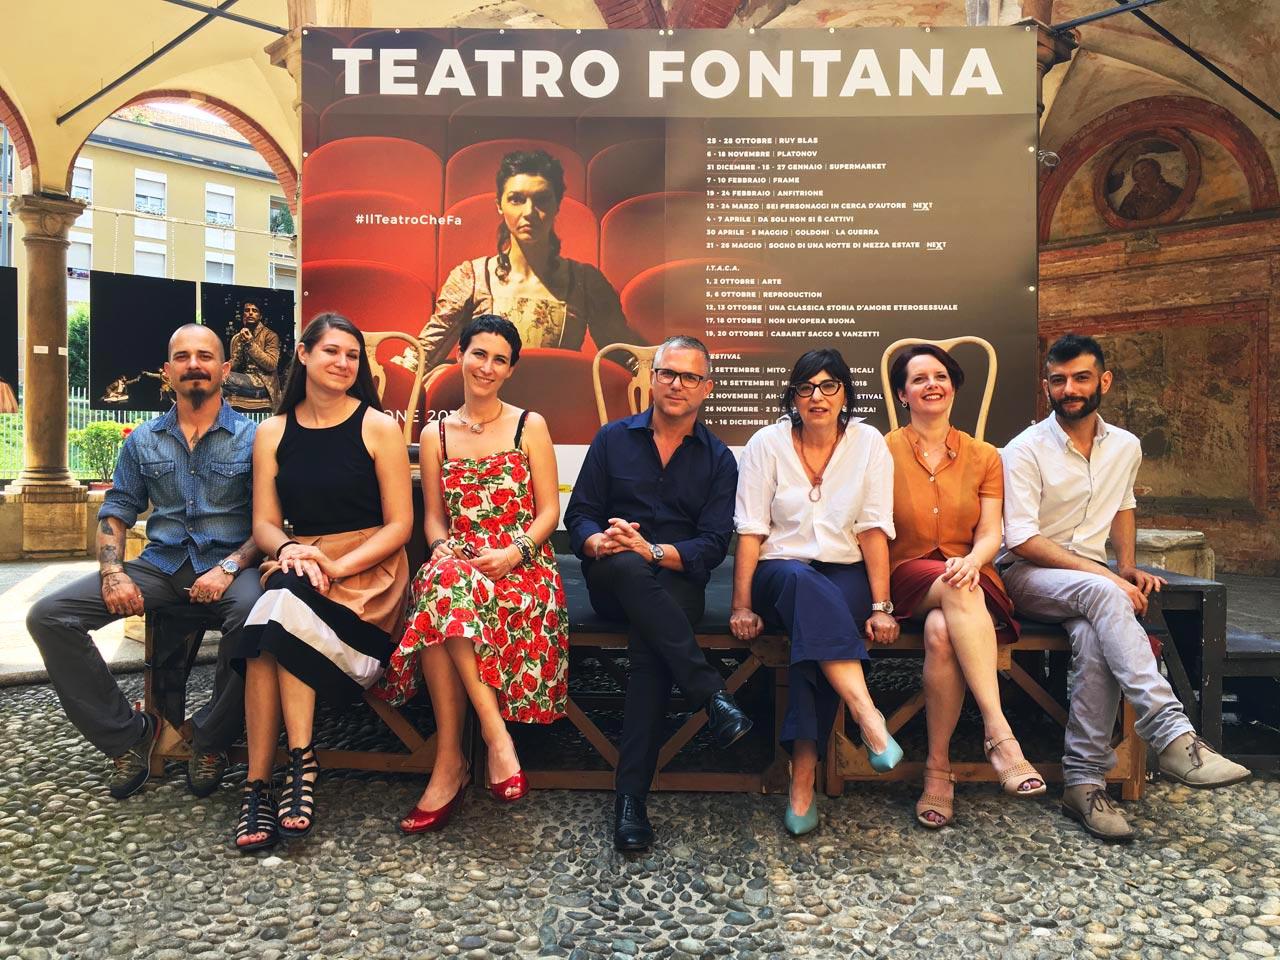 teatro-fontana-spettacoli-prosa-rassegna-scuole-54